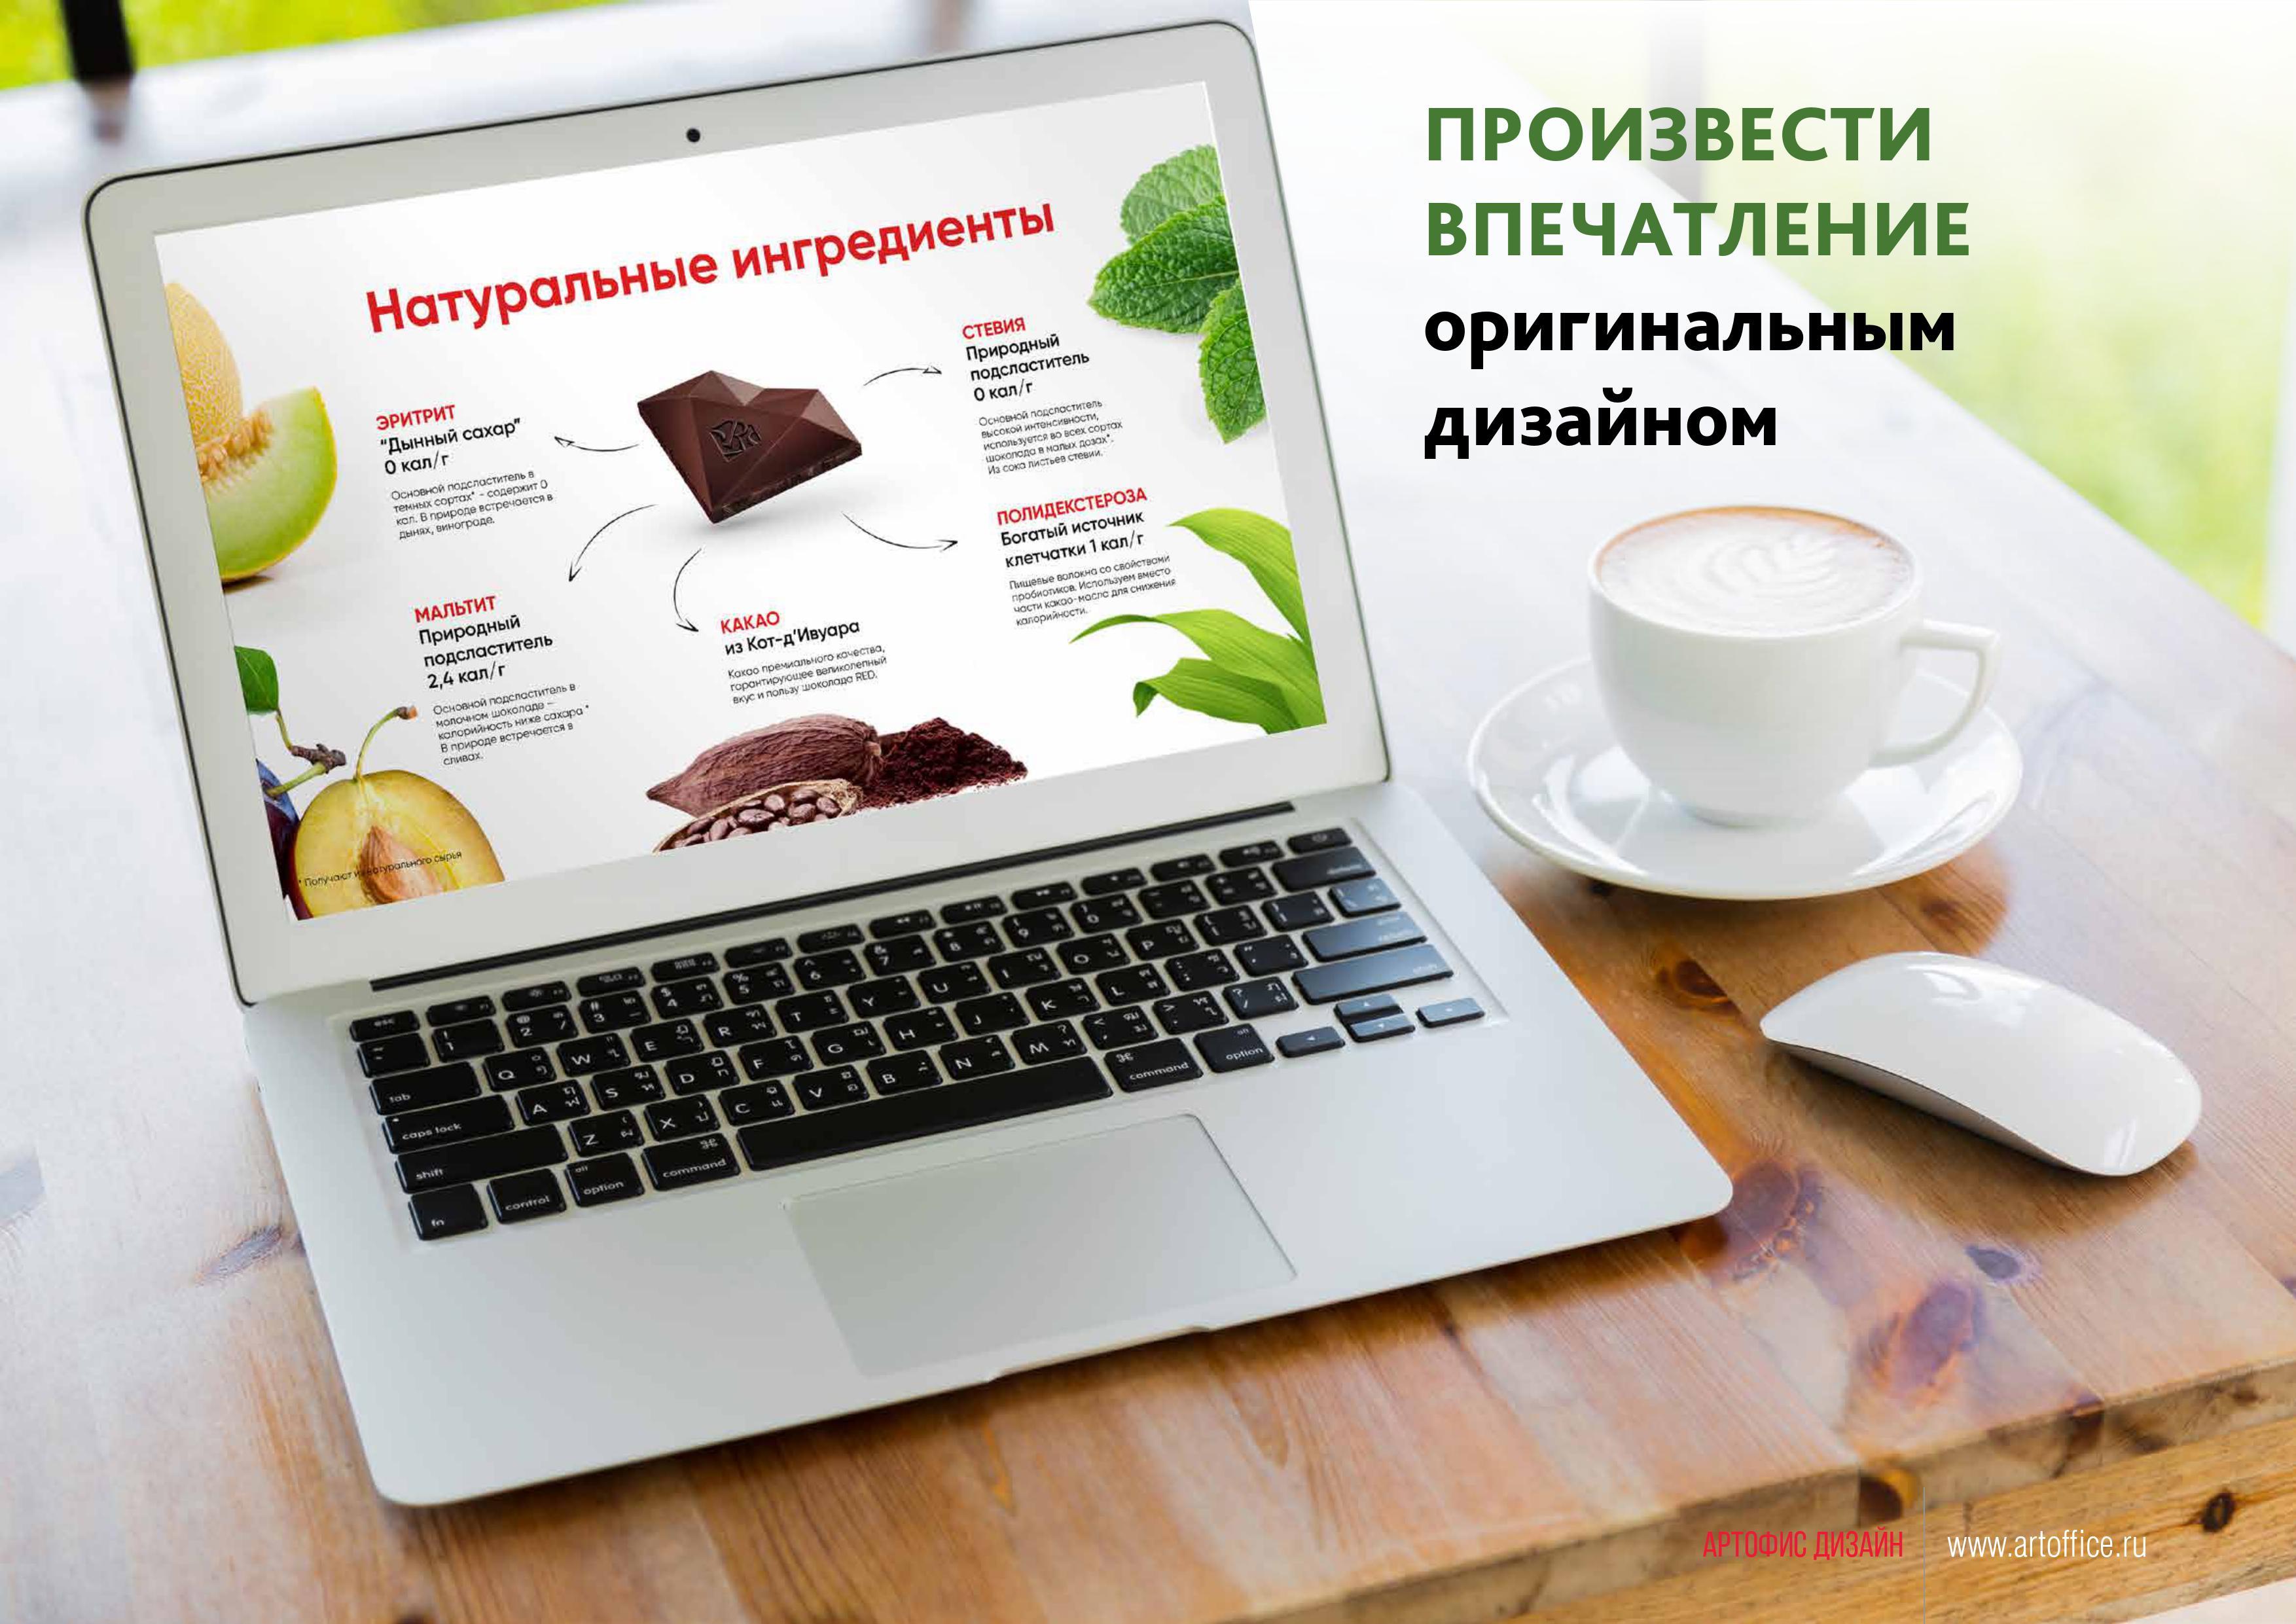 Заказать презентацию в Артофис Дизайн